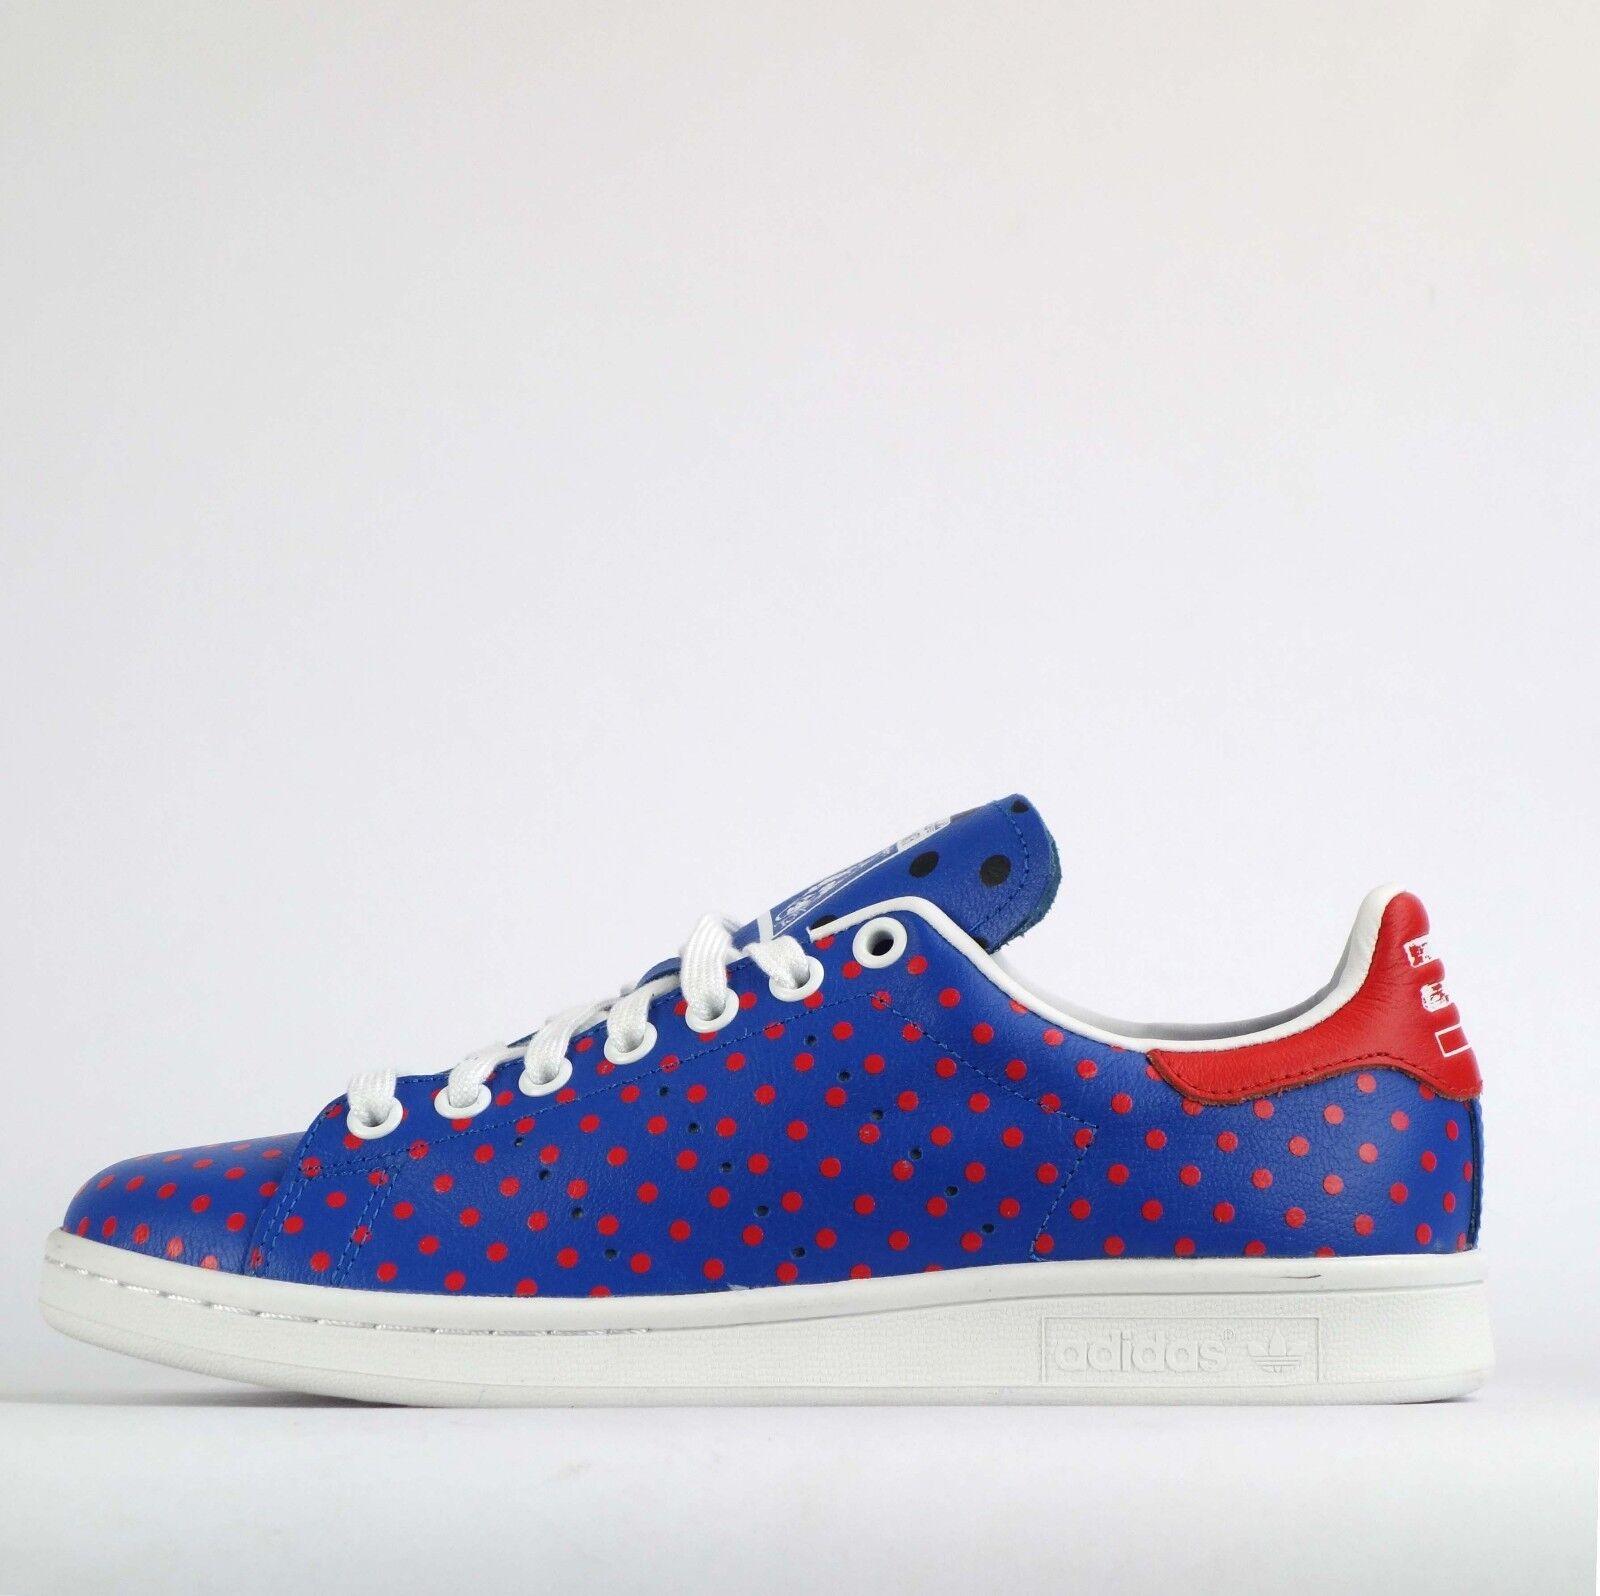 adidas Originals Stan Smith Pharrell Williams SPD Mens Casual Shoes Blue